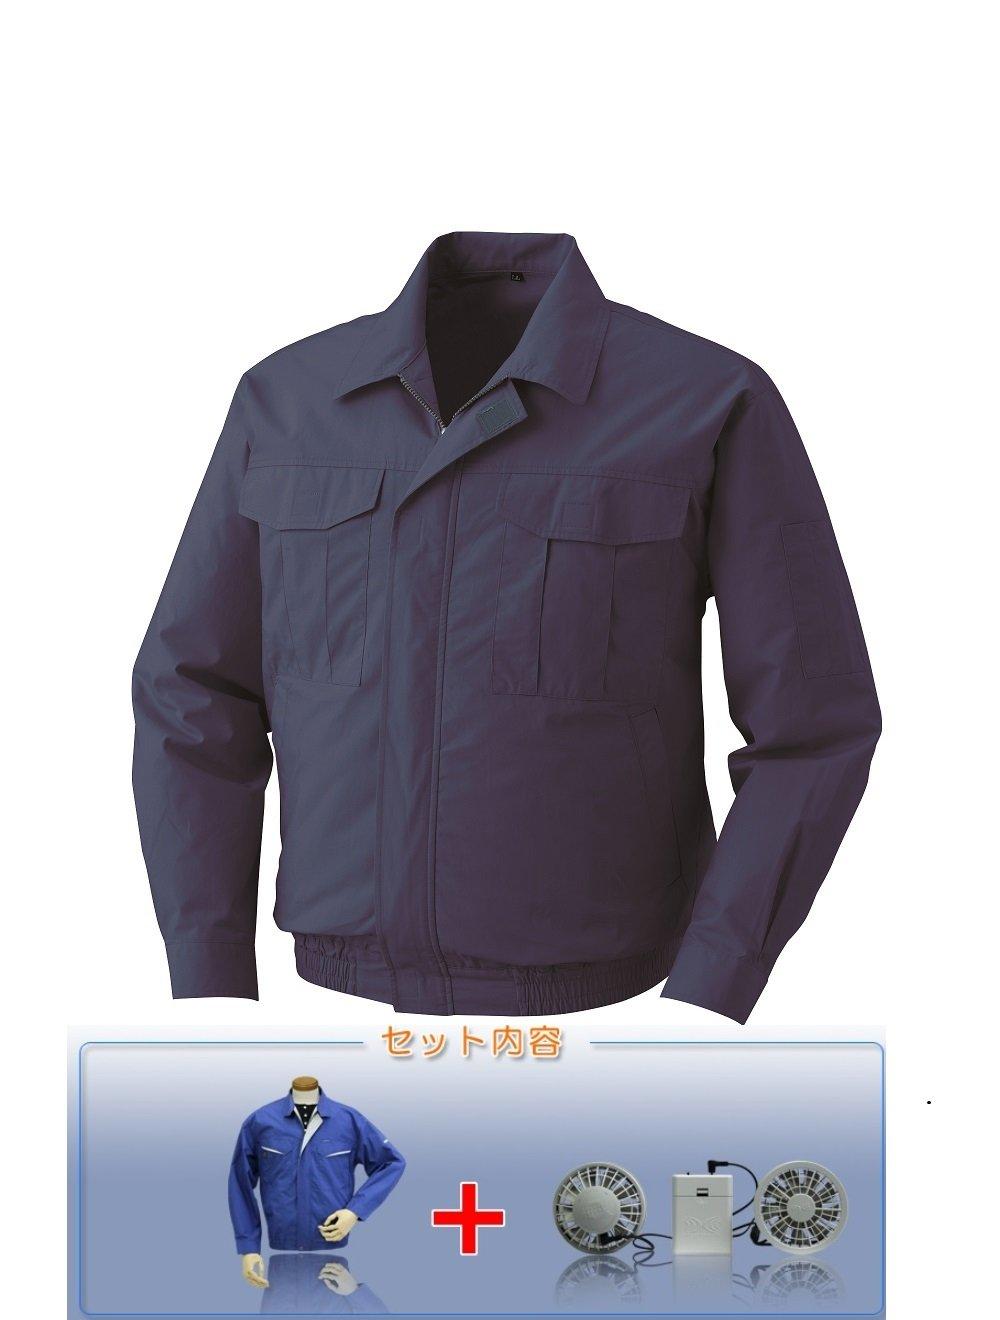 株式会社空調服製 綿薄手ワーク空調服 電池セット (KU90550ウェア、ワンタッチファングレー2個、ケーブル、電池ボックスのセット) B0799FRCM9 5L|ダークブルー ダークブルー 5L